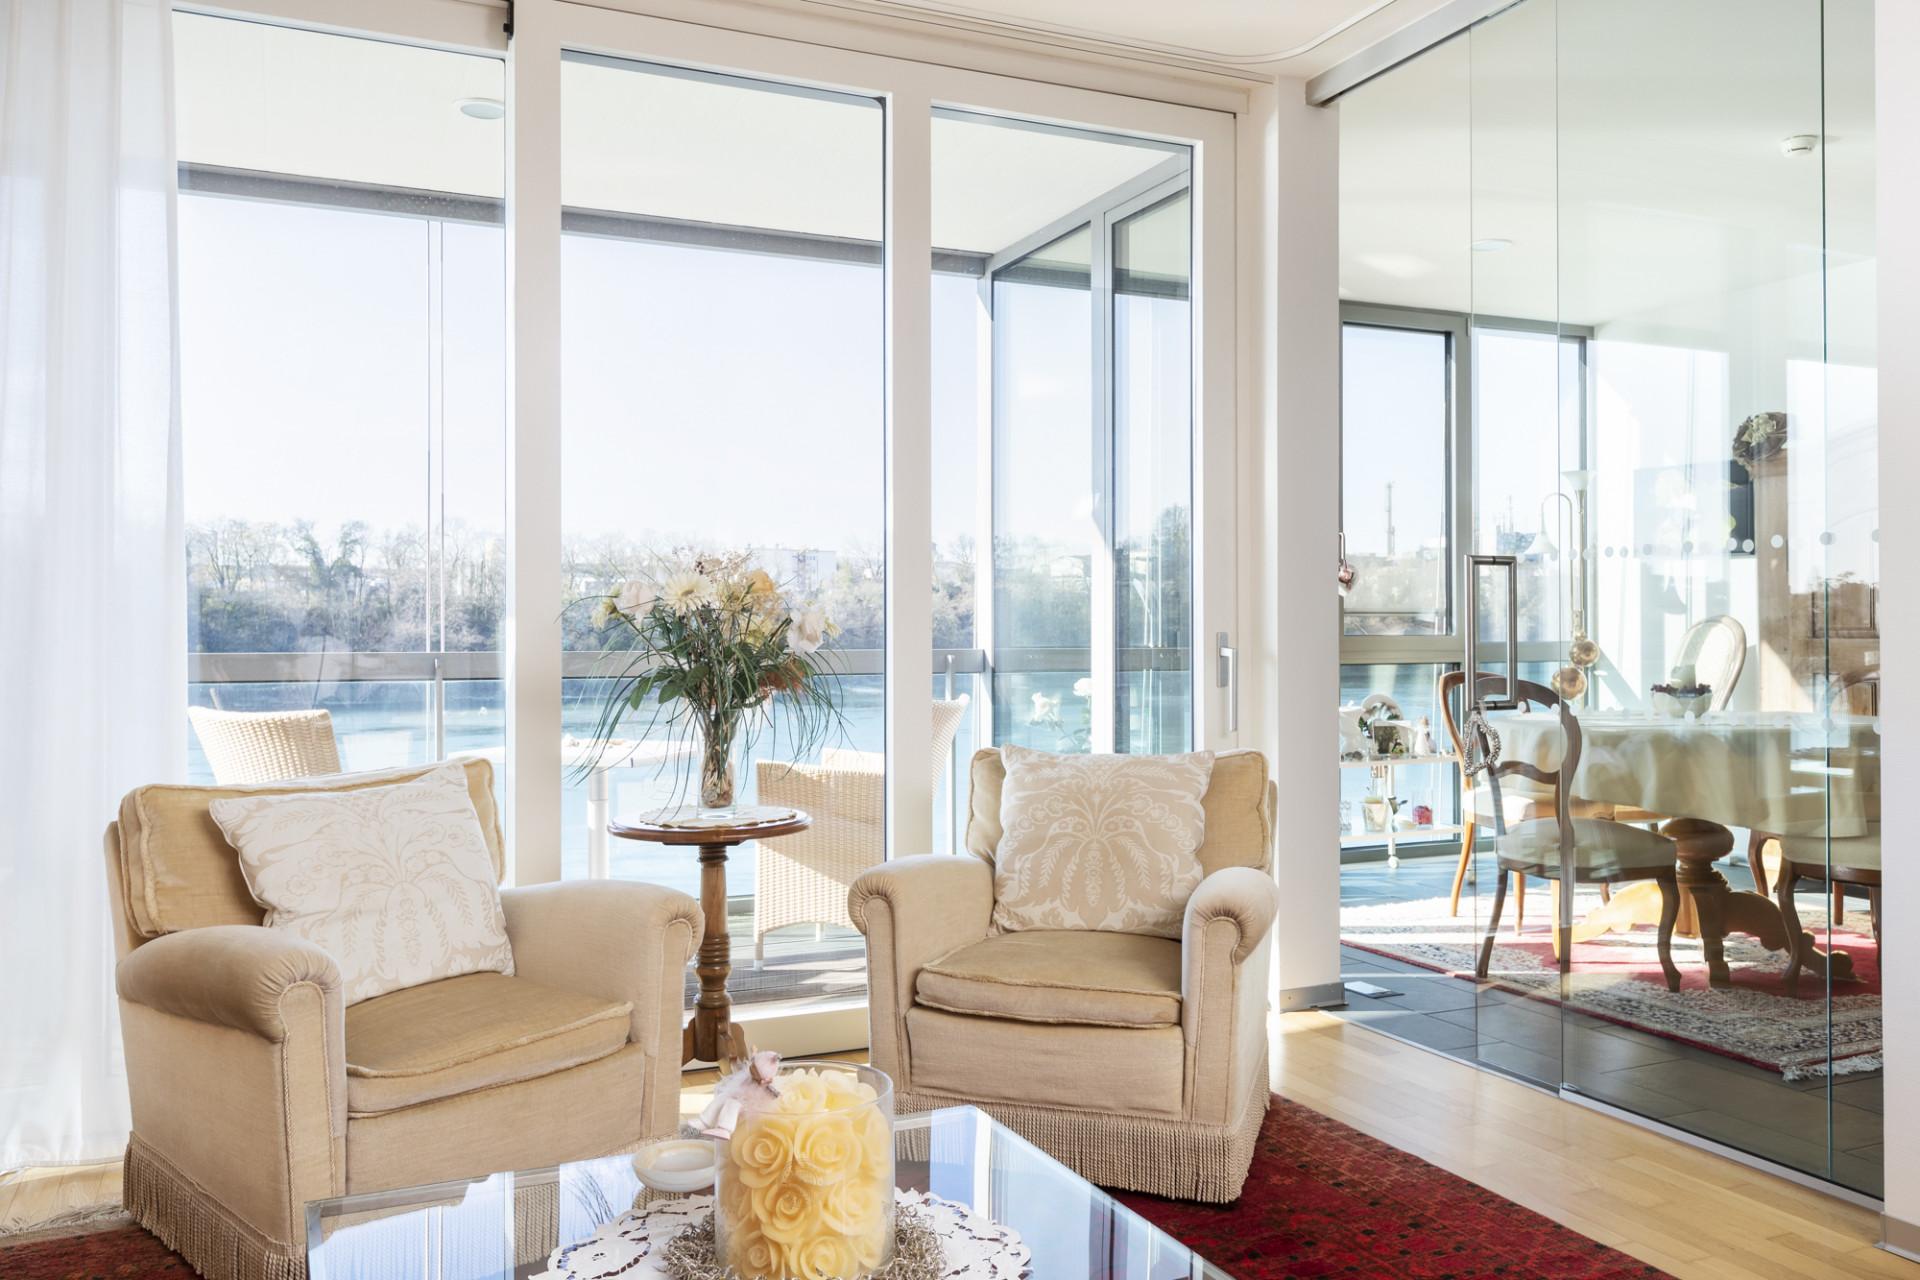 Wohnzimmer und Wintergarten einer bewohnten Residenz im Neubau